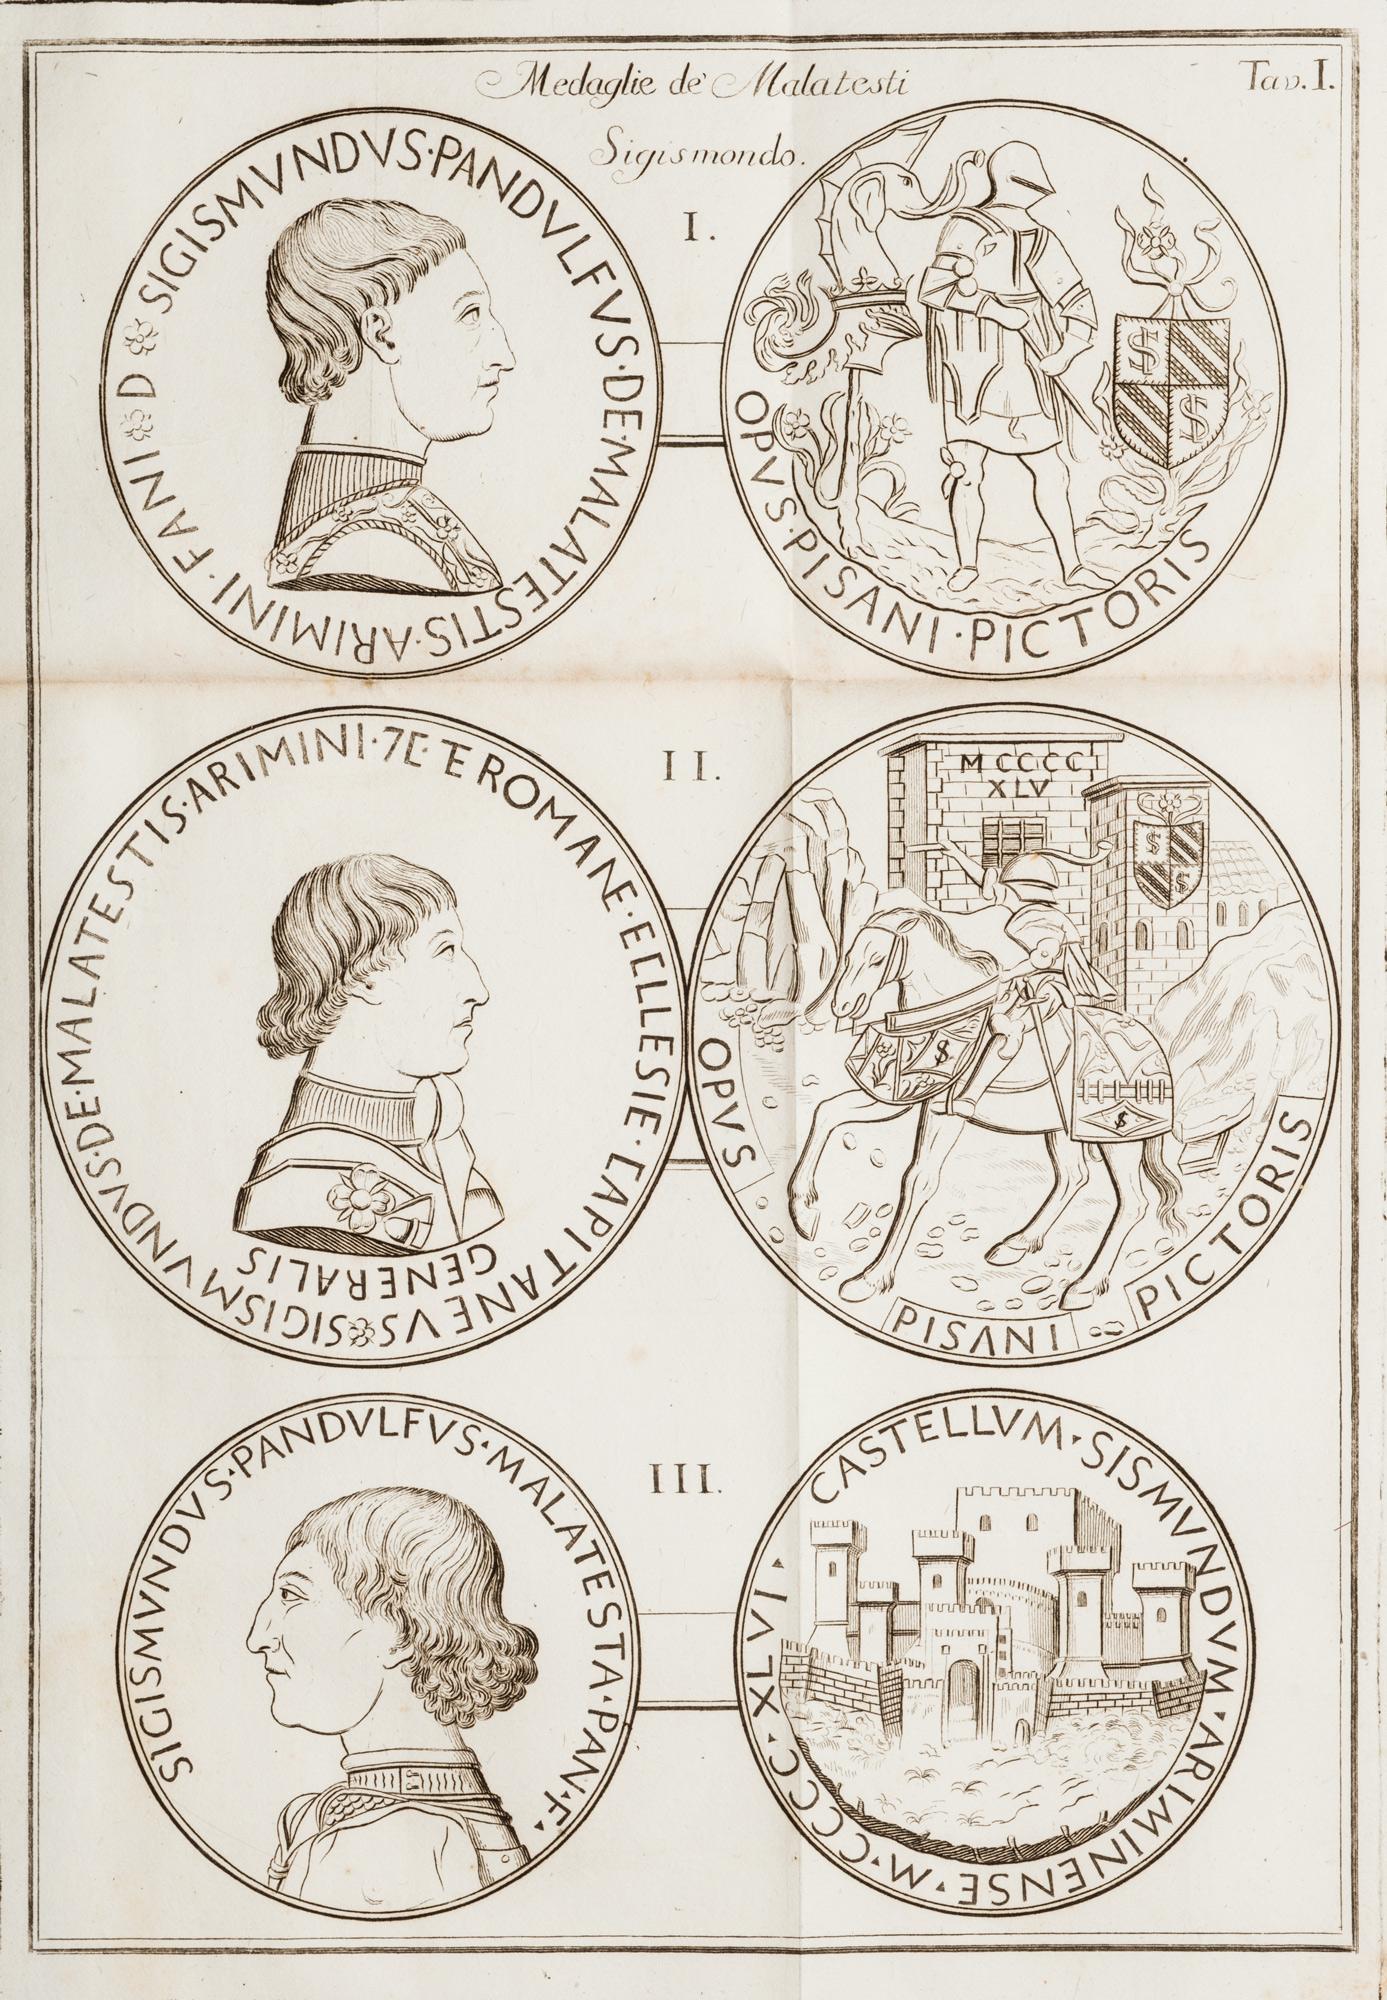 Memorie istoriche di Rimino e de' suoi signori artatamente scritte ad illustrare la zecca